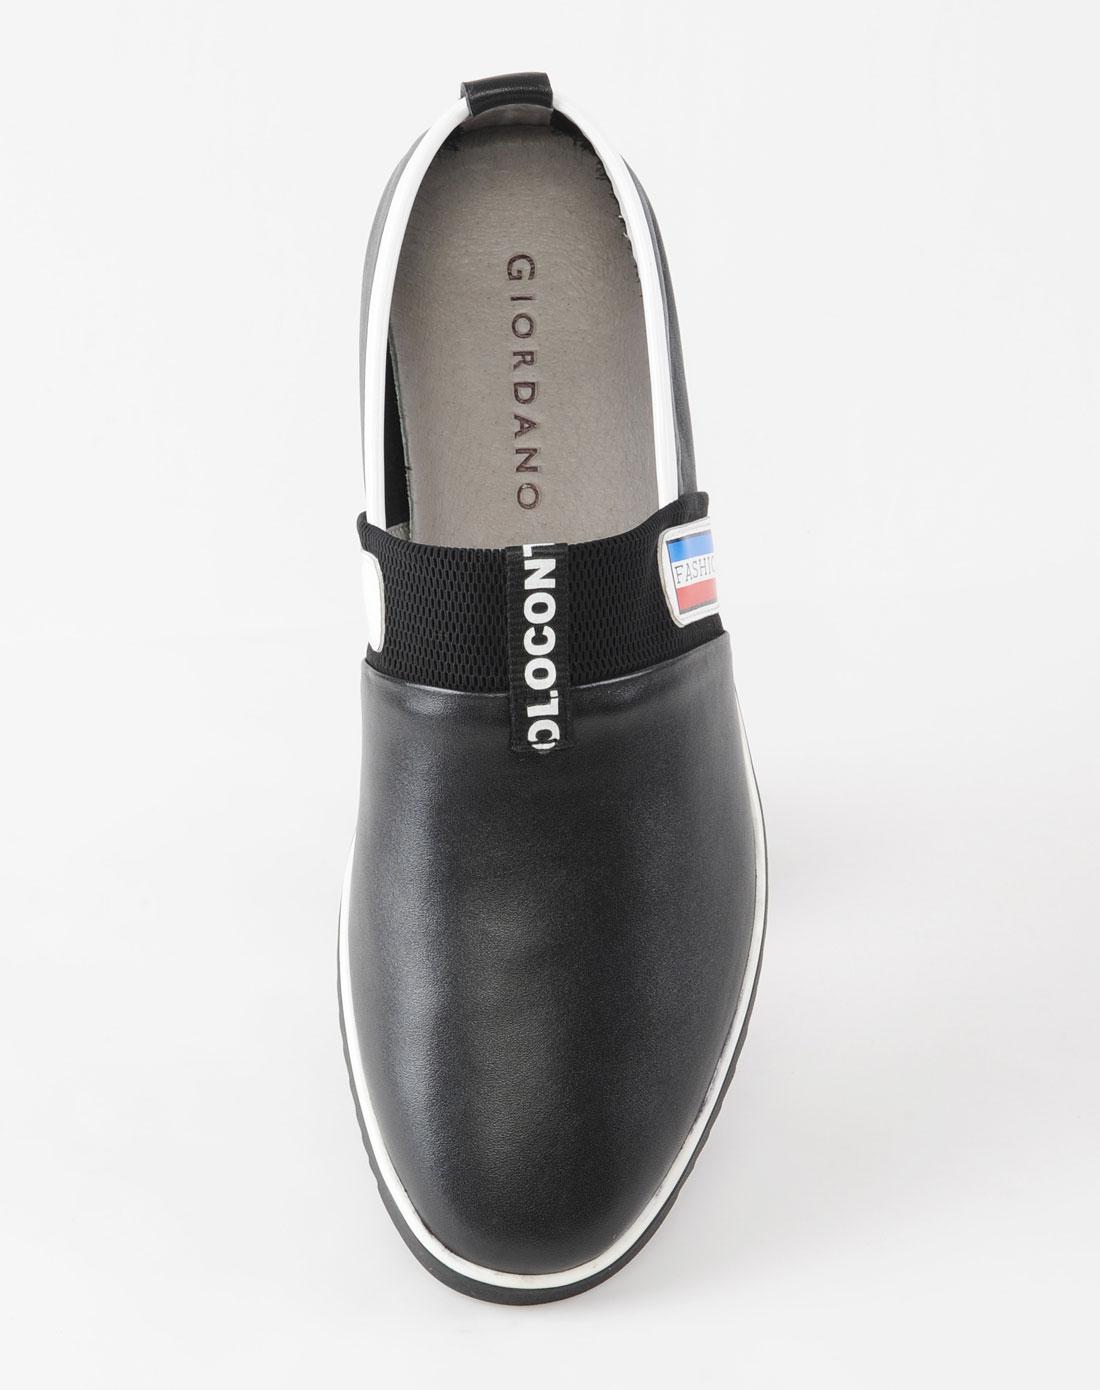 佐丹奴giordano男款黑色休闲鞋51139063